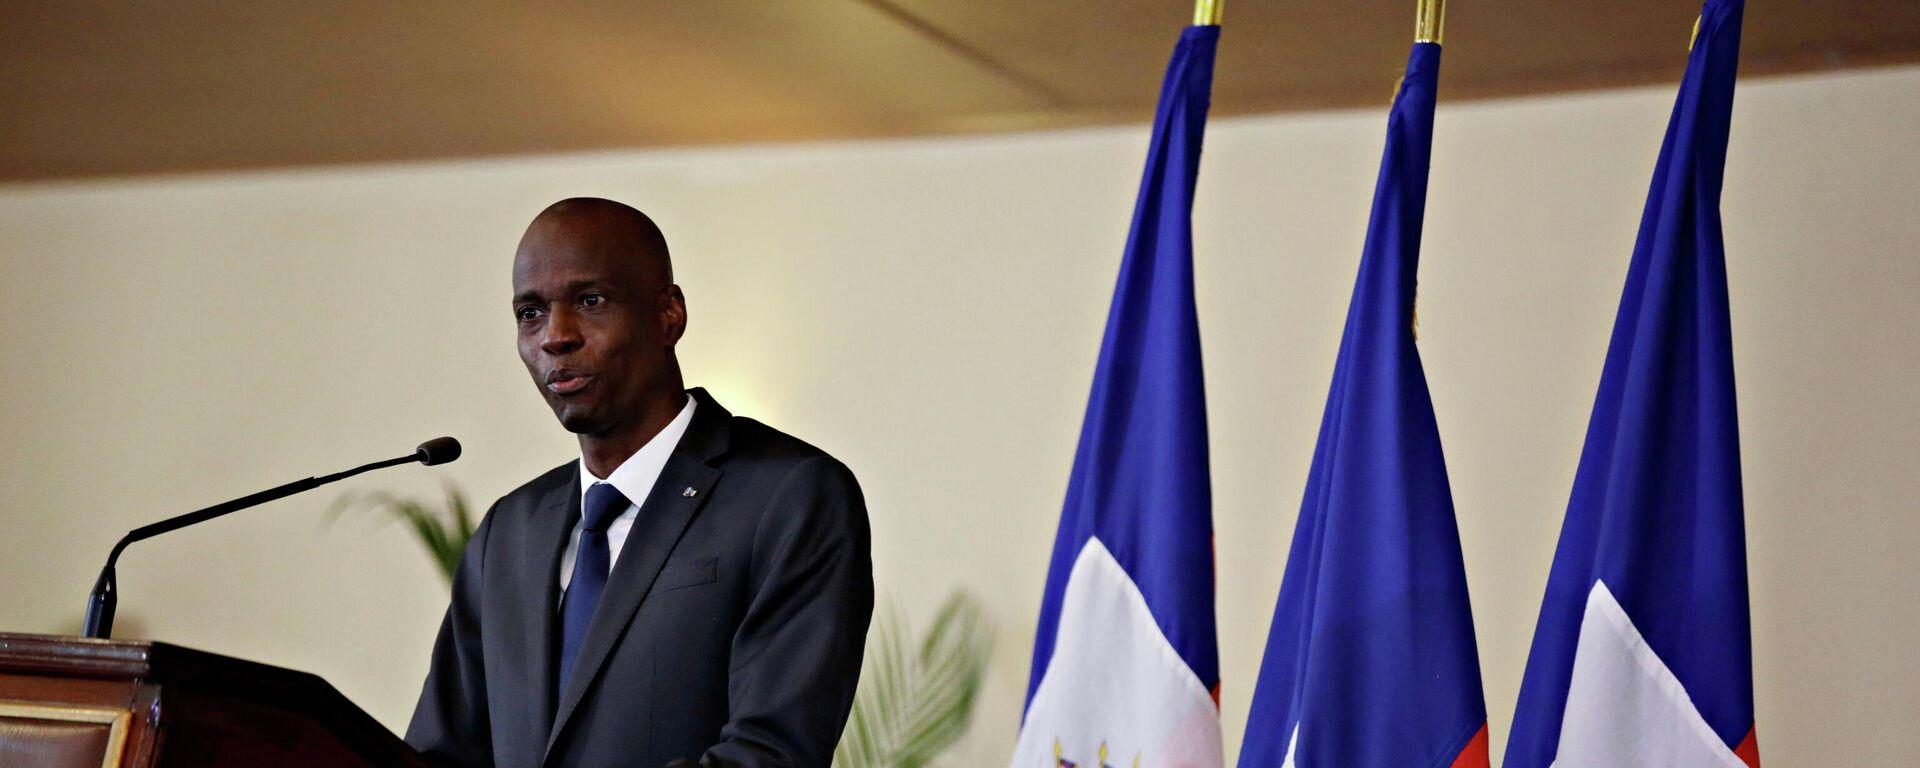 Jovenel Moise, expresidente de Haití - Sputnik Mundo, 1920, 07.07.2021